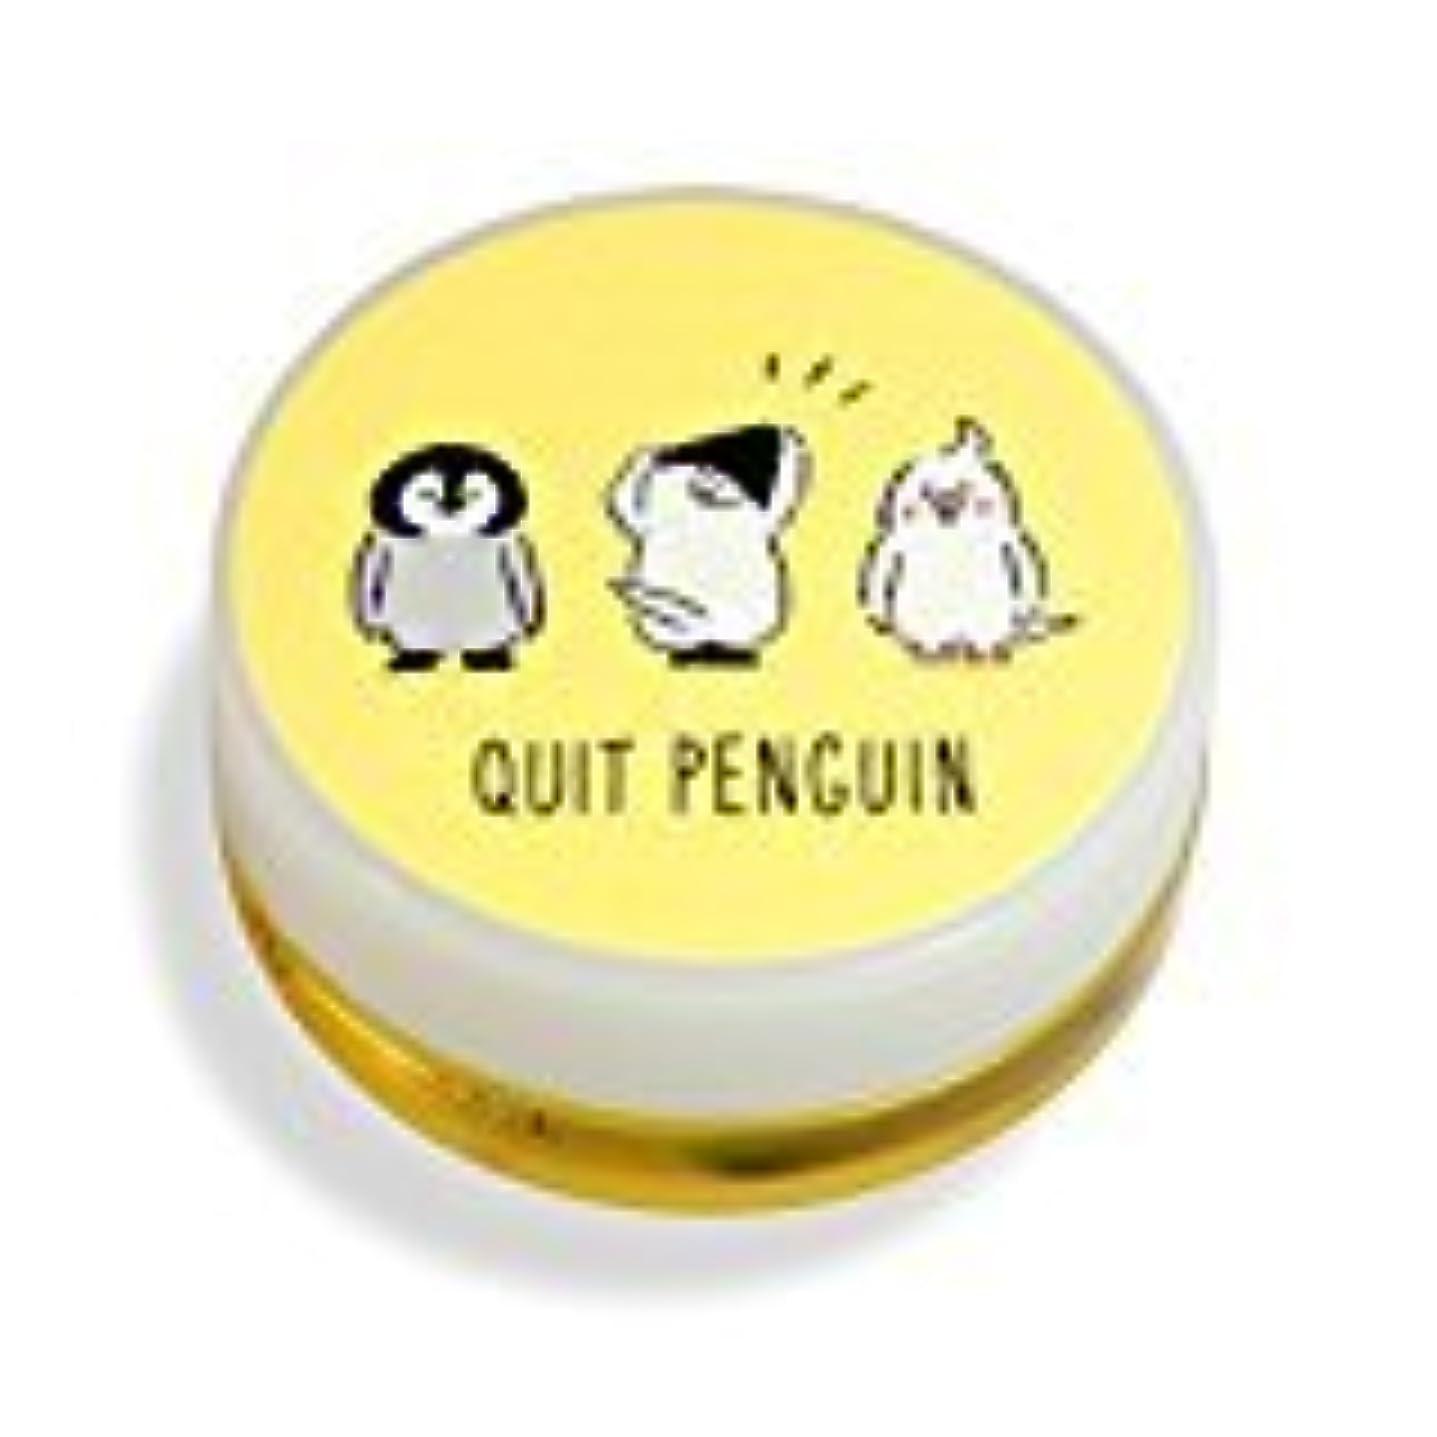 疲れたカテゴリーバーターフルプルコロン KIGURU ME Penguin オリエンタルフローラルの香り 10g